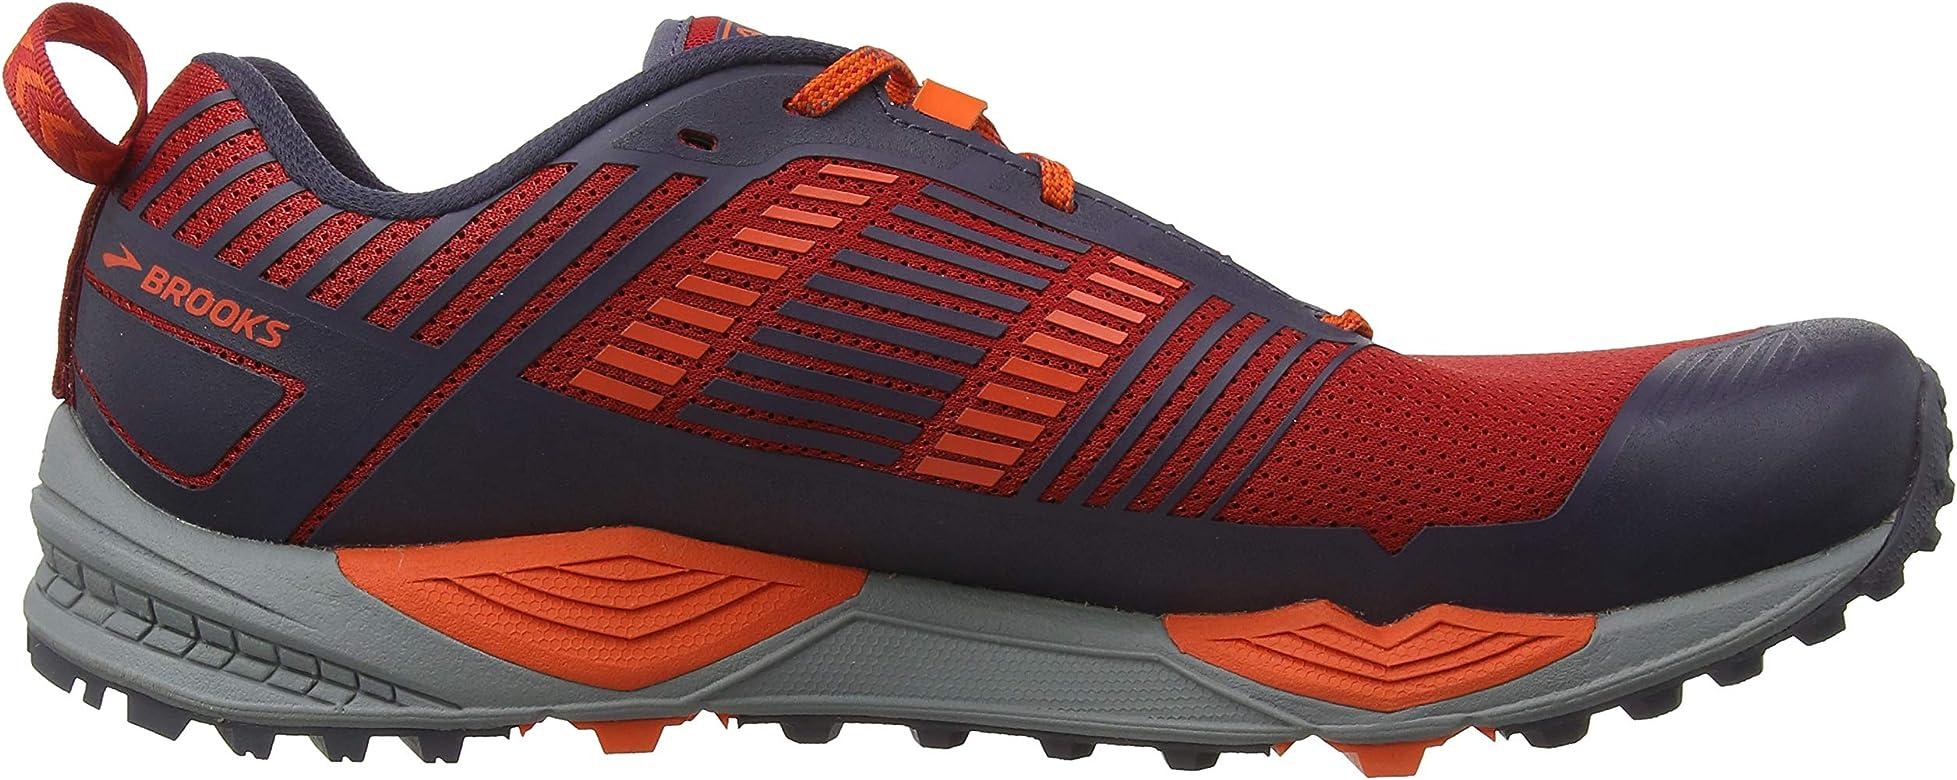 Brooks Cascadia 13, Zapatillas de Cross para Hombre, Rojo (Red/Orange/Grey 636), 41 EU: Amazon.es: Zapatos y complementos